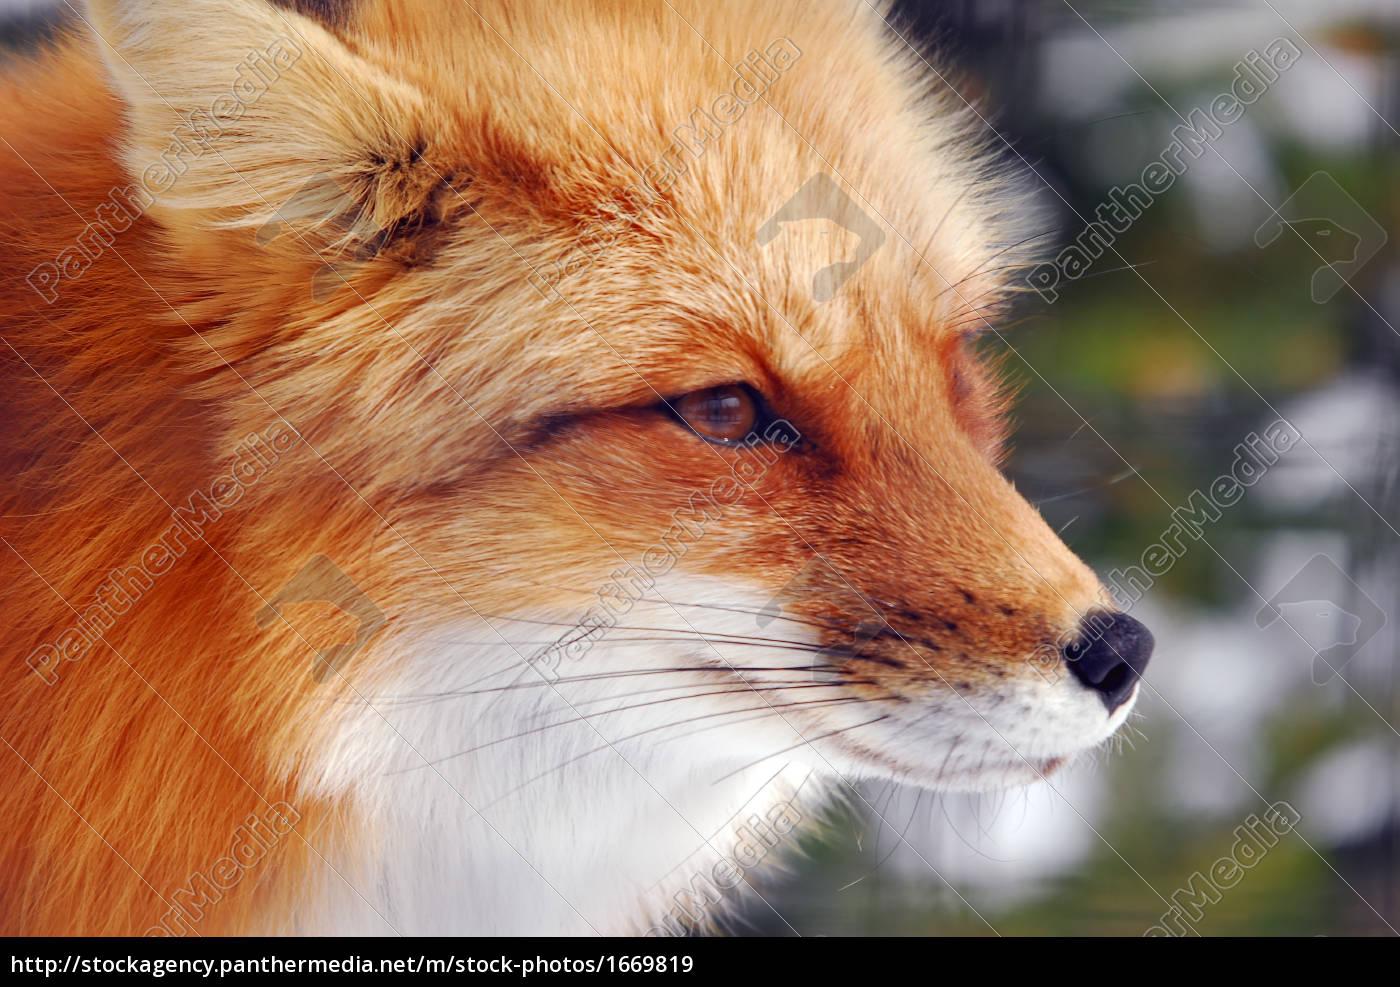 red, fox - 1669819